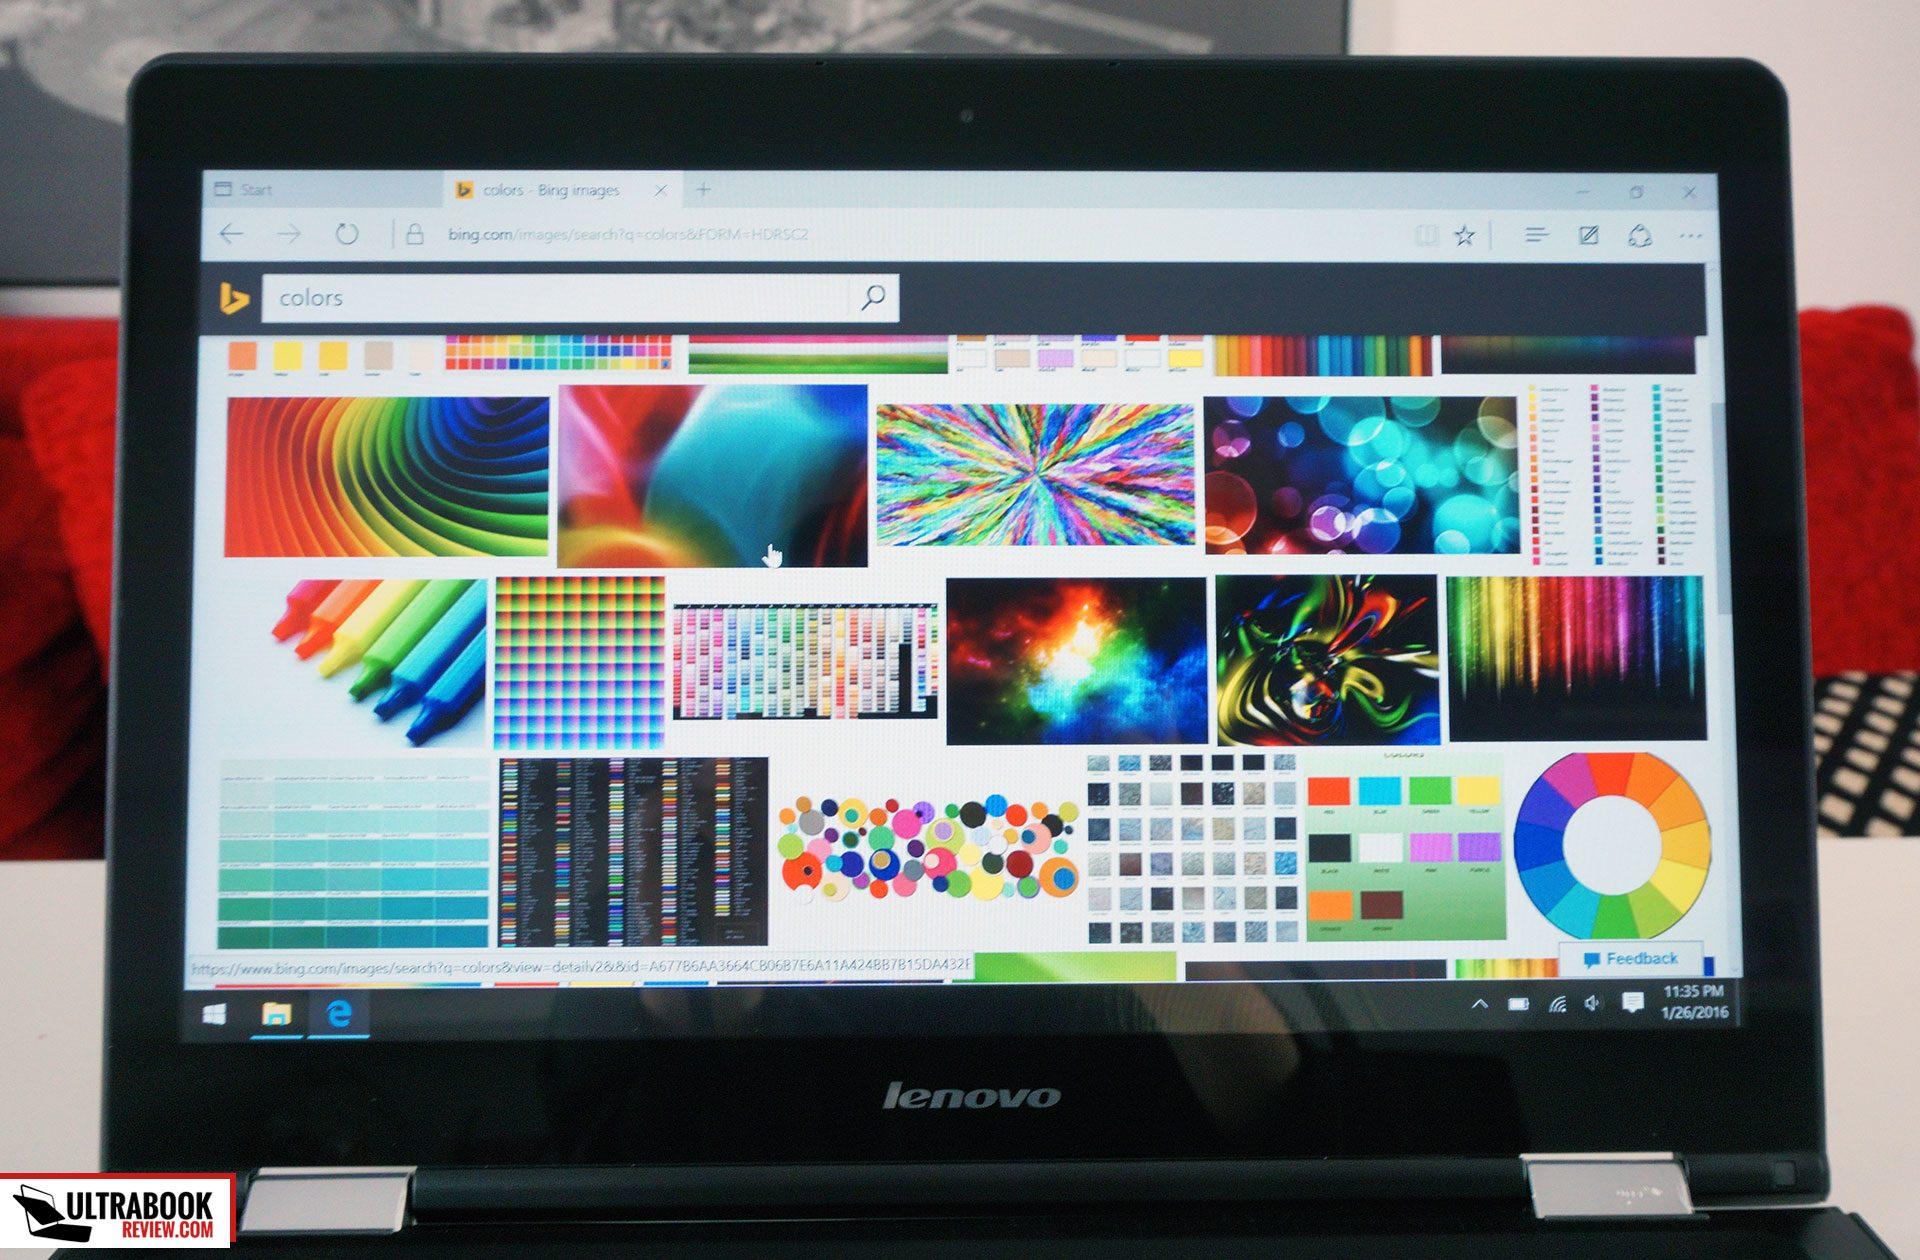 Lenovo Yoga 500 14 (Flex 3 14) review - a well priced 14